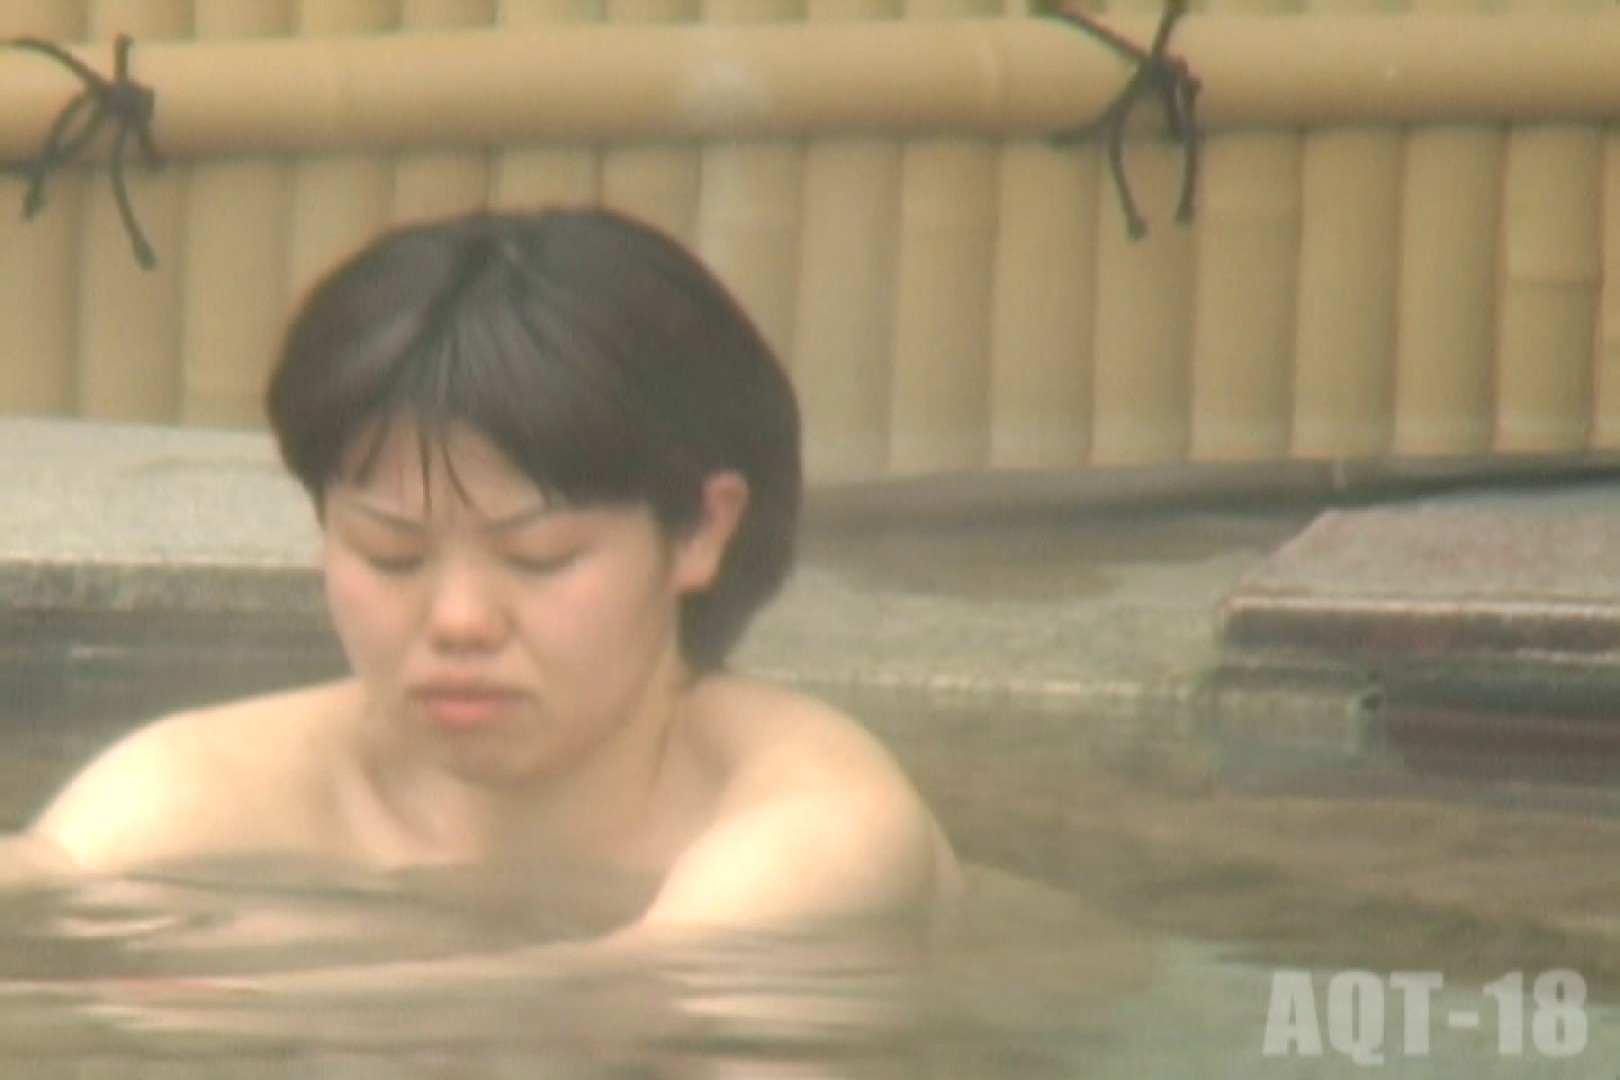 Aquaな露天風呂Vol.861 盗撮師作品 | 美しいOLの裸体  104pic 67